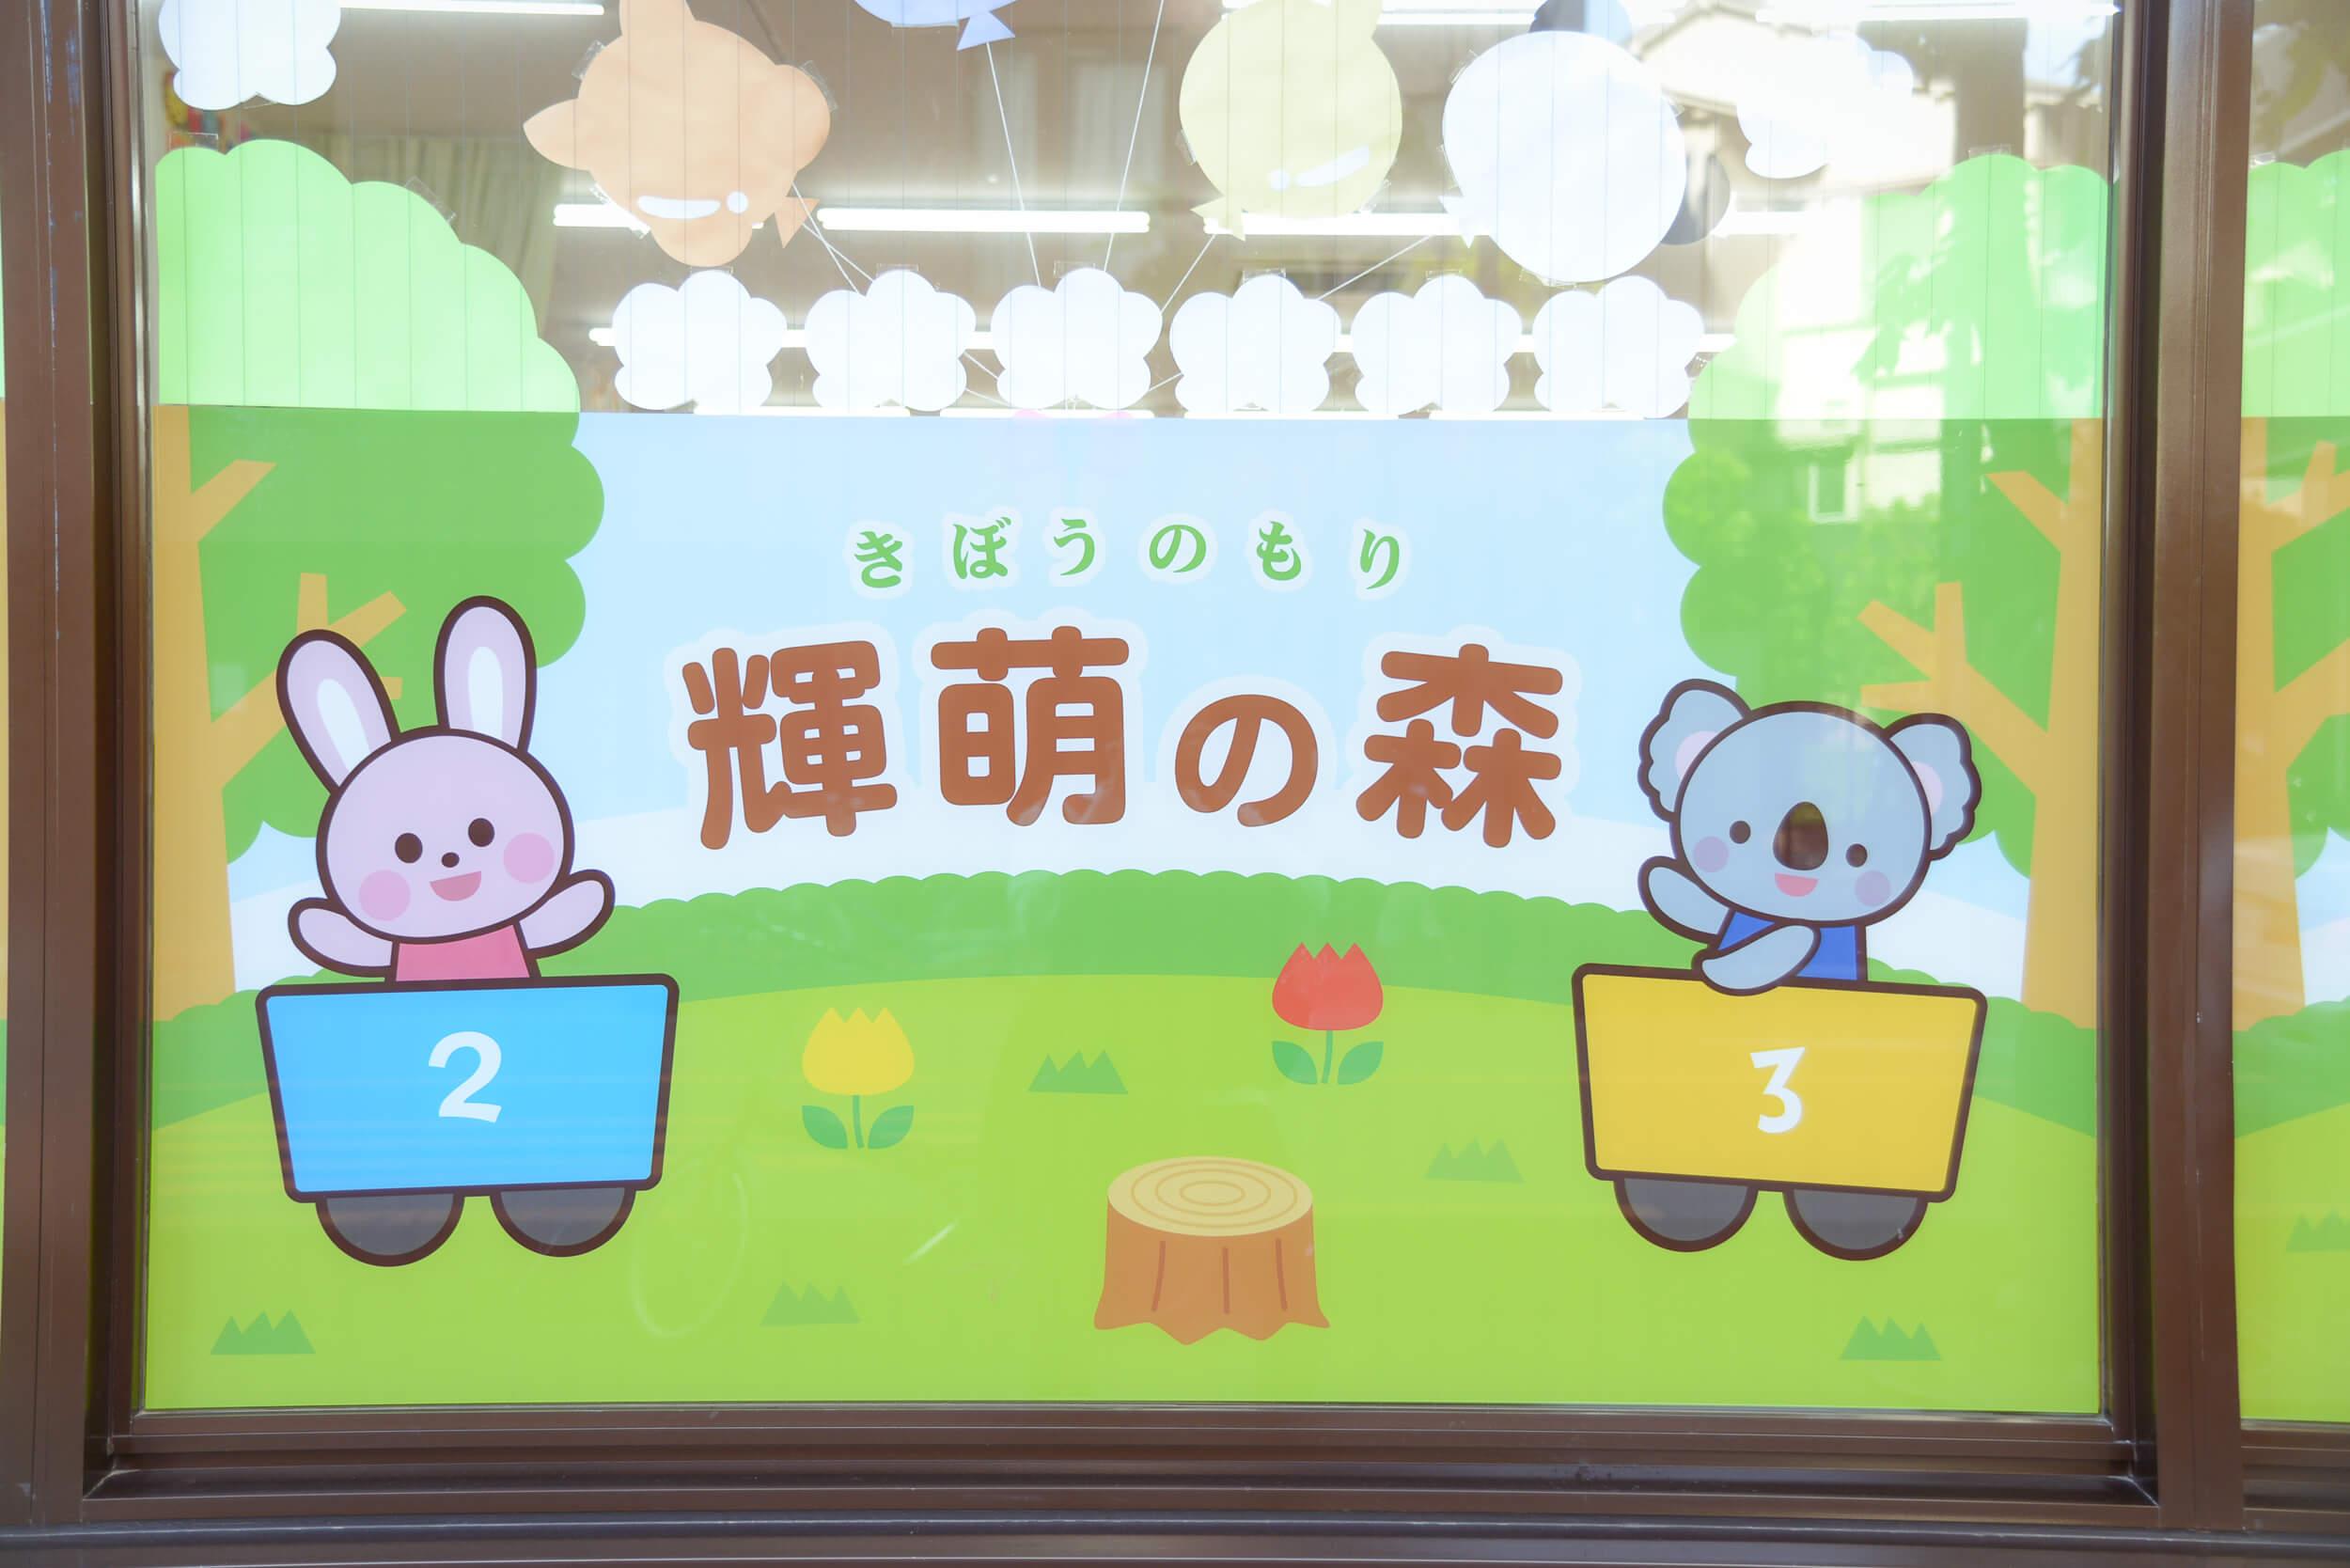 株式会社輝萌の森(あい保育園)